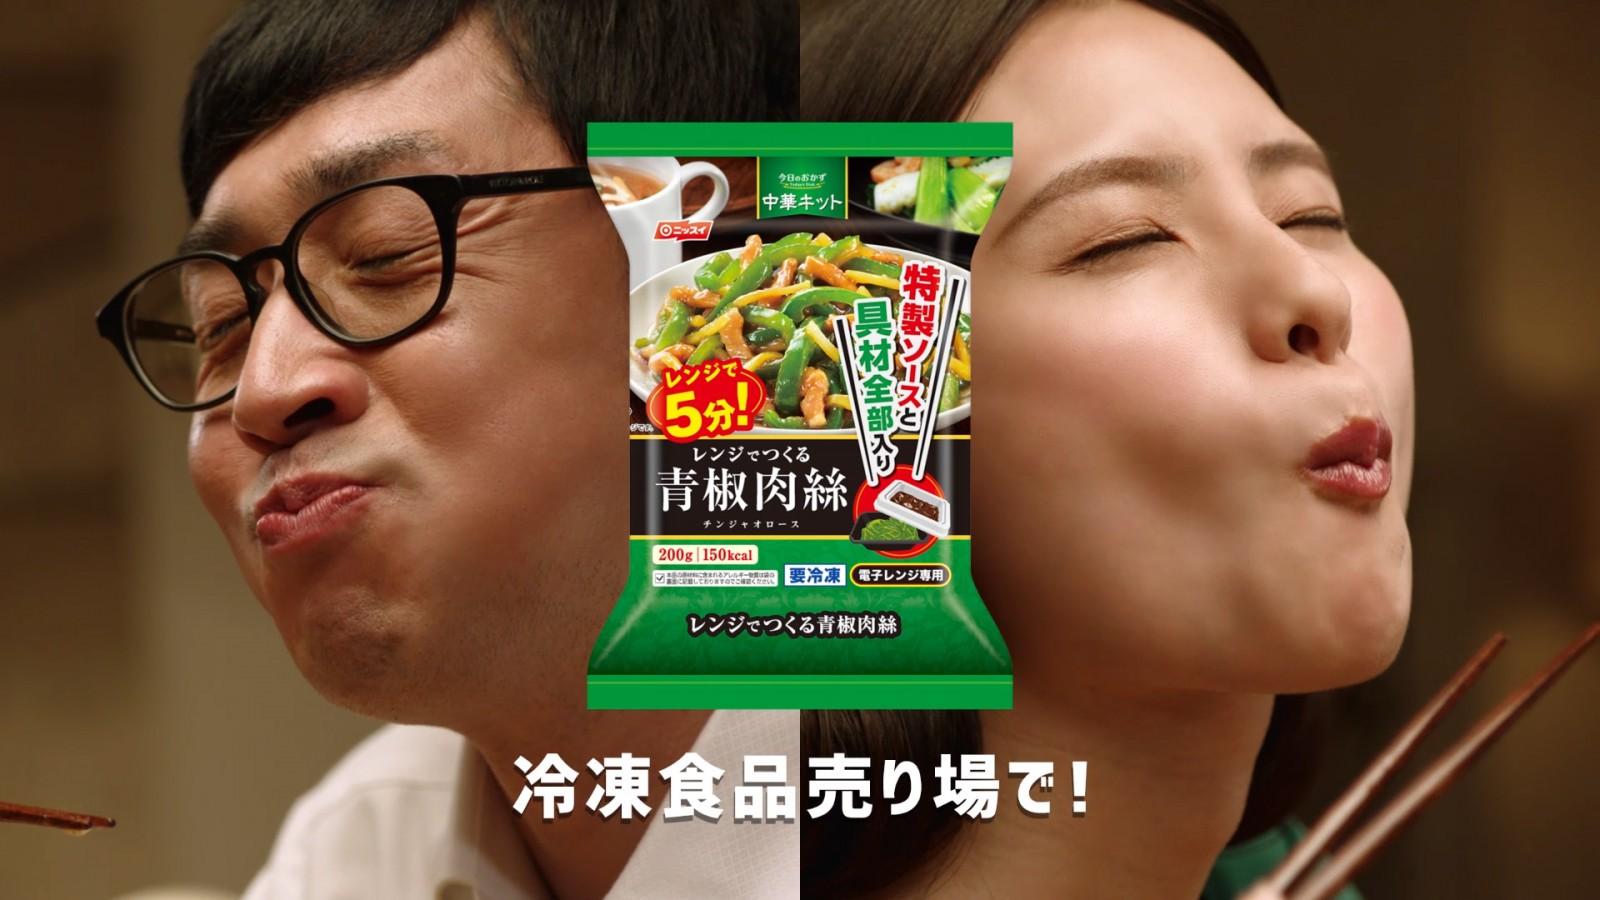 """ニッスイ「レンジでつくる中華キット」 TVCM「ただならぬ夫婦のディナー」篇放映で具もソースも""""全部入り!""""をアピールしています"""